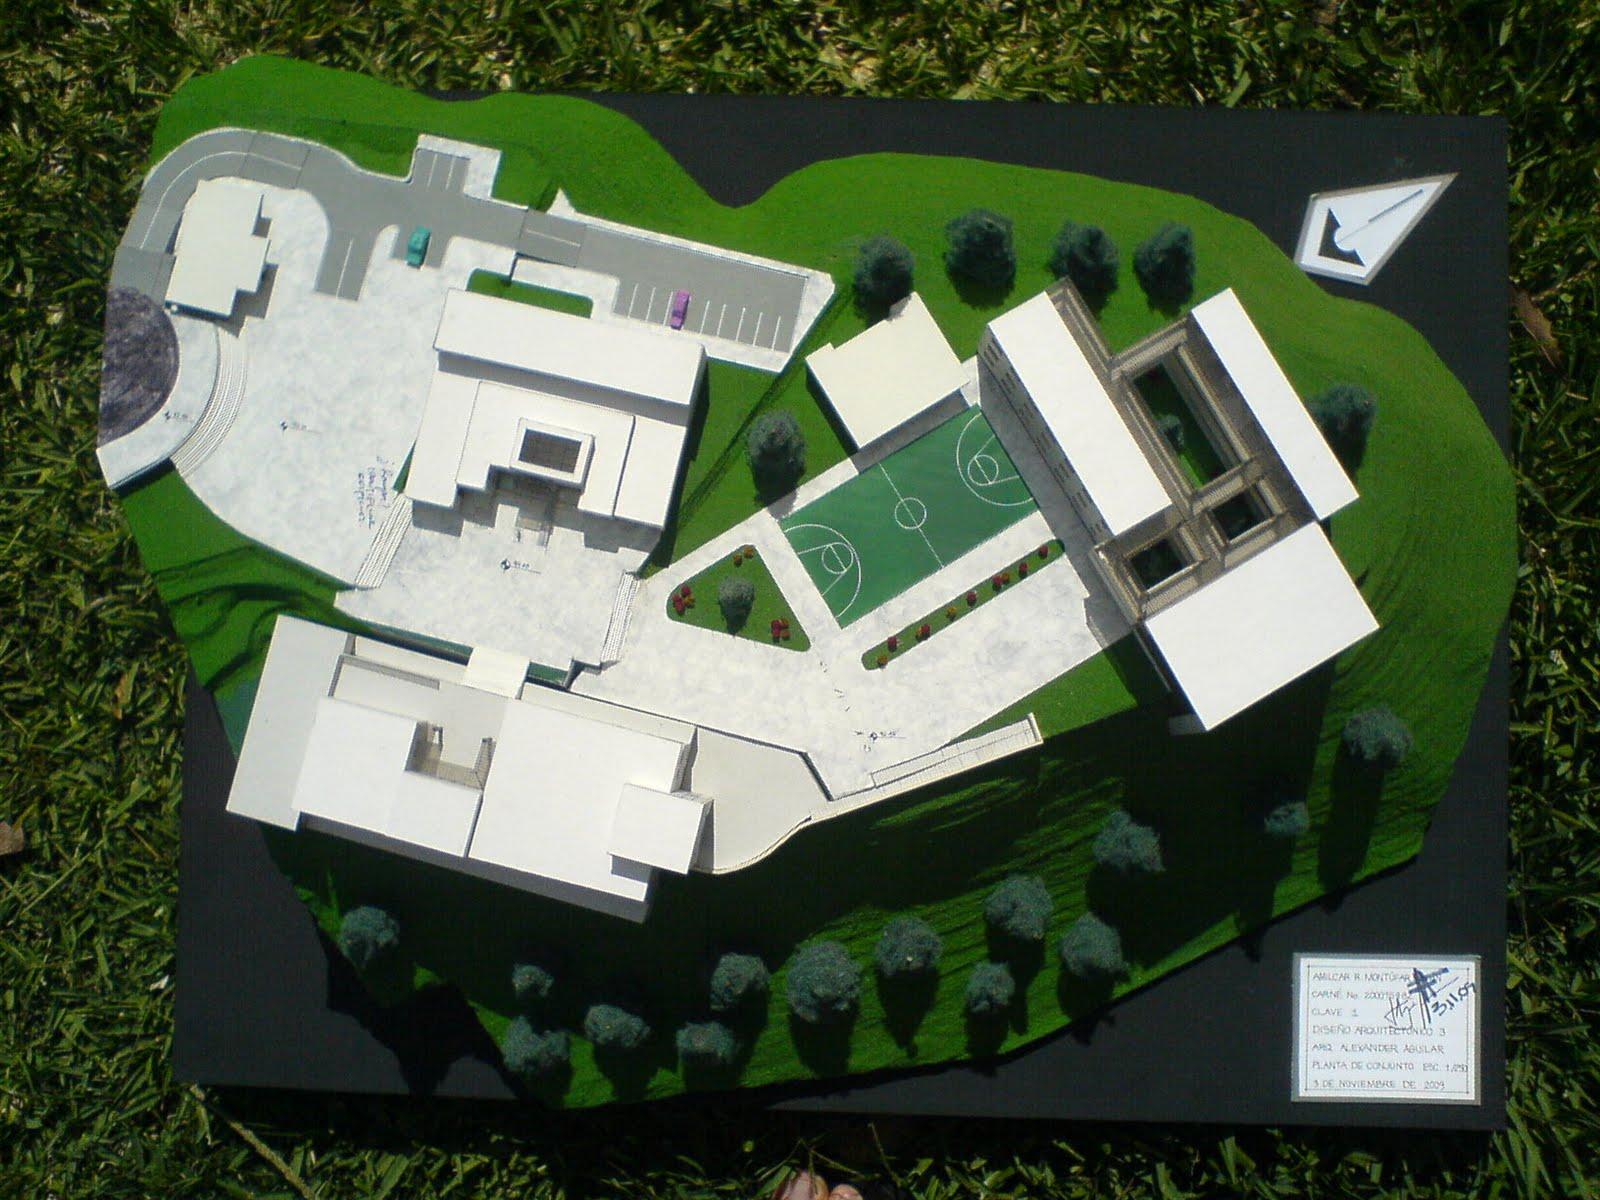 Dise o arquitect nico maqueta de dise o arquitect nico 3 for Plataforma de arquitectura